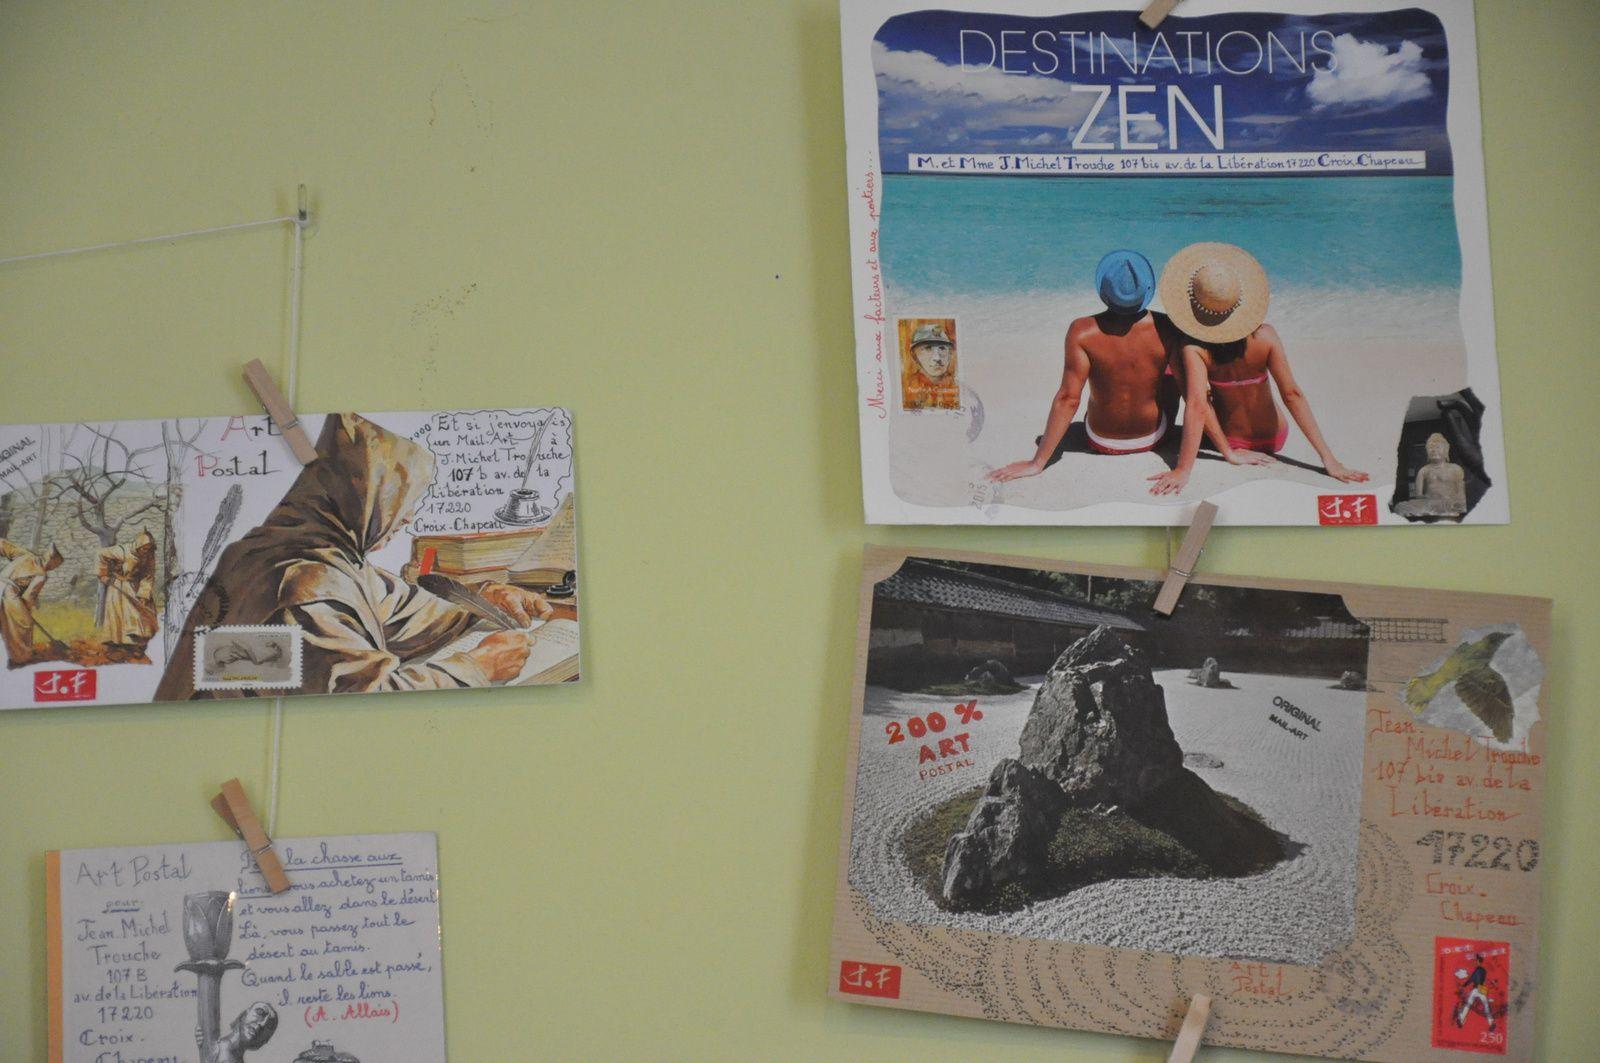 VIVE L'ART POSTAL! C'EST TROP GENIAL! Je remercie également Jean-Michel Trouche qui m'a renvoyé mes oeuvres pour que je puisse les exposer...